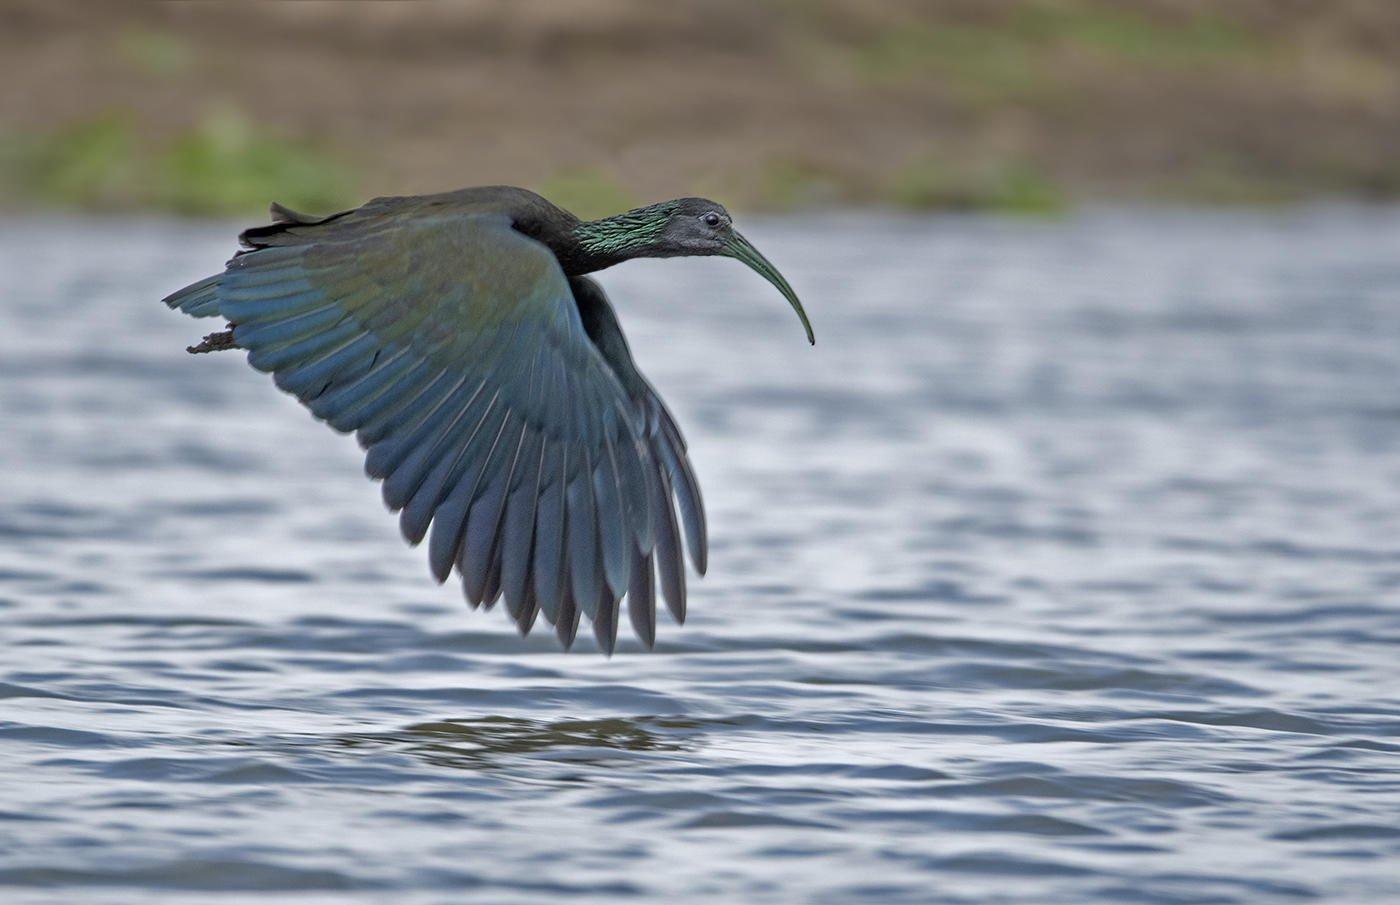 Ibis verde (Green Ibis) (Salvador Solé Soriano)